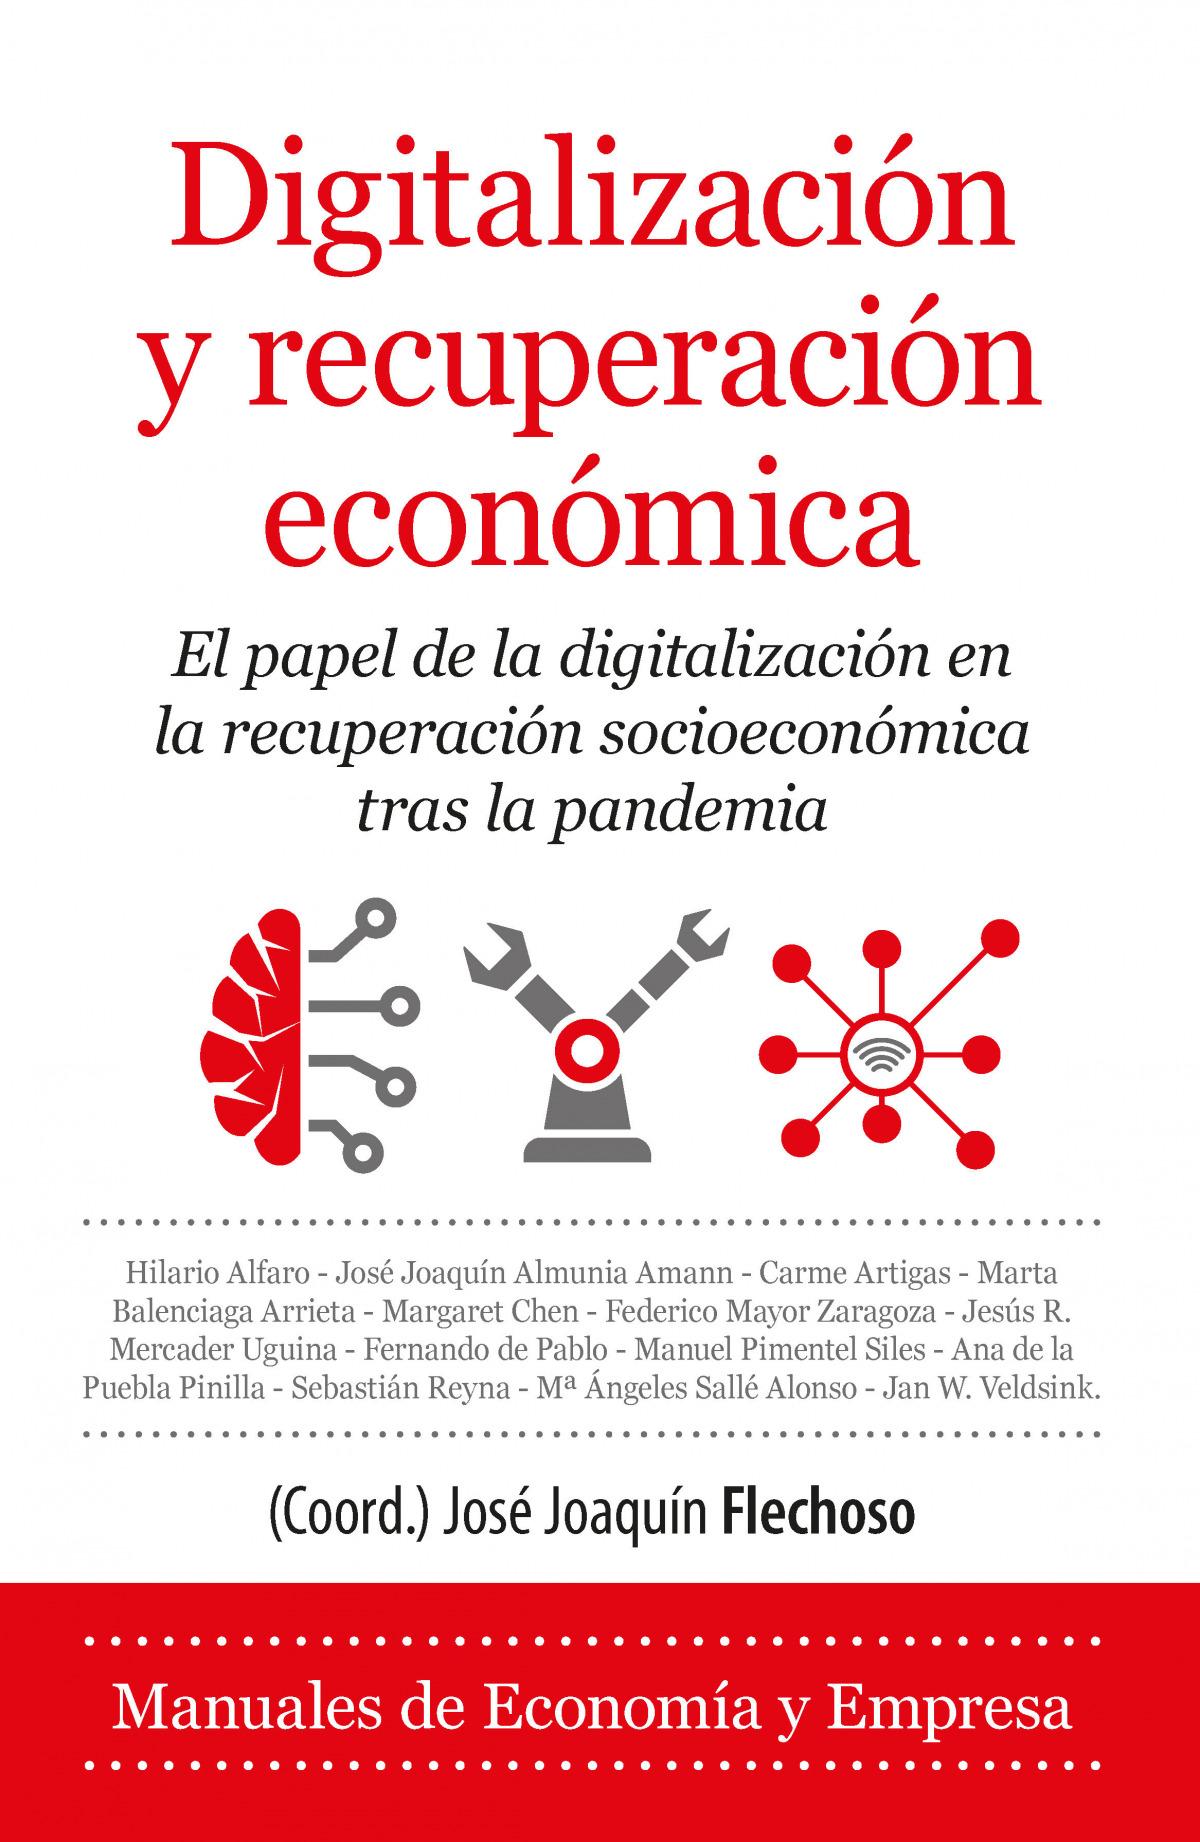 Digitalización y recuperación económica